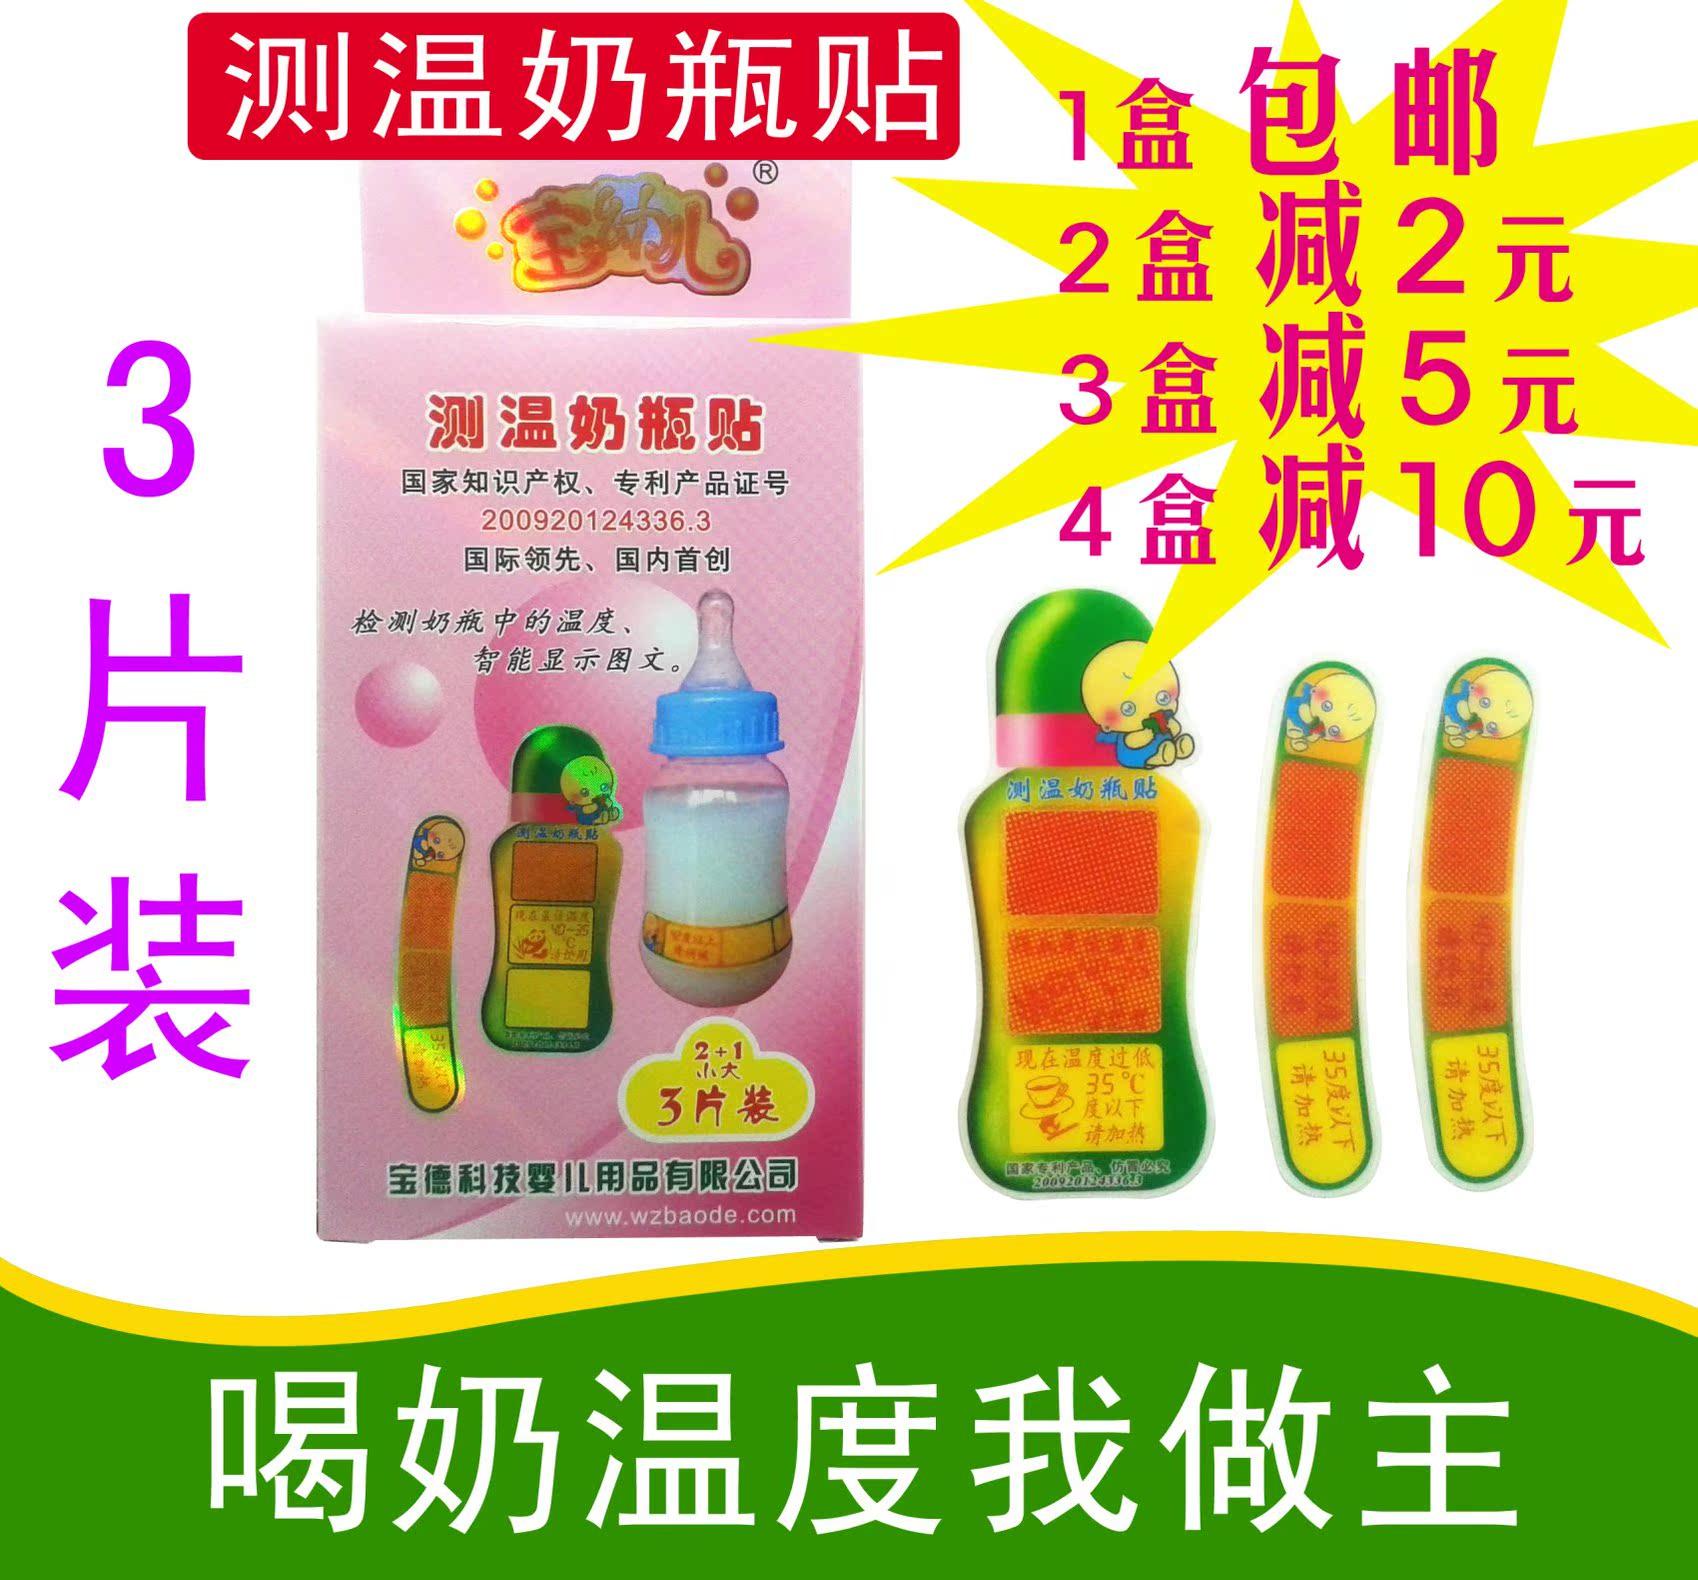 Бао детей измерения температуры бутылки наклейки / температуры наклейки бутылки термометры бутылка компаньон на младенца Стикер для бутылок бесплатная доставка по китаю